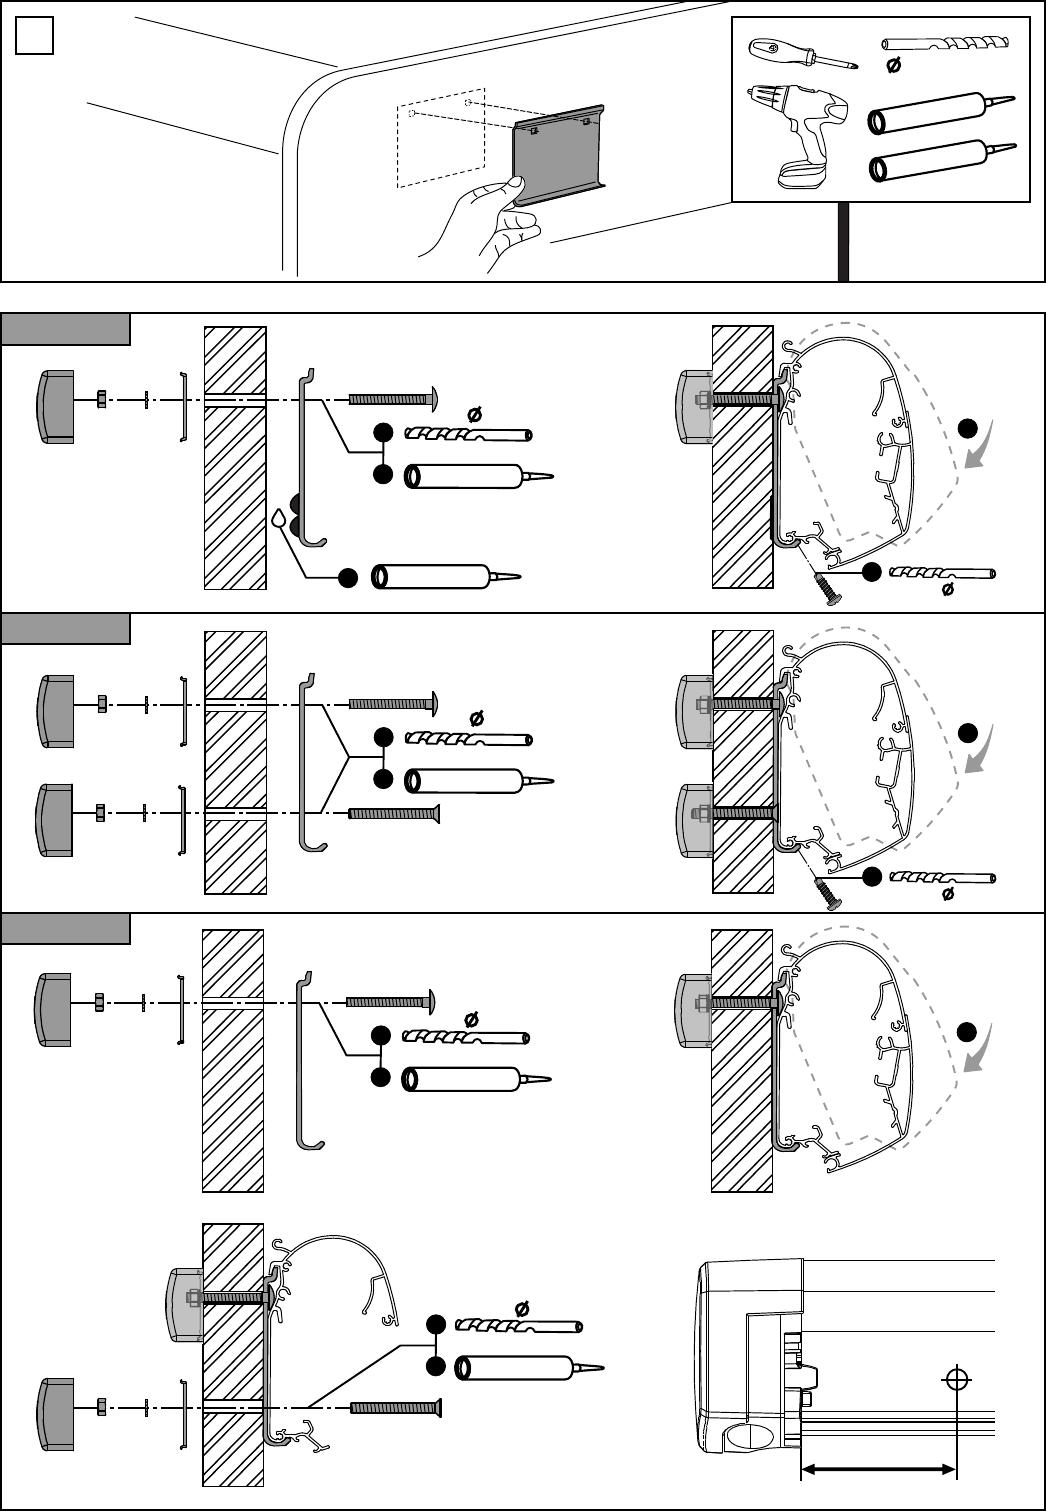 bedienungsanleitung thule omnistor 5200 seite 4 von 16. Black Bedroom Furniture Sets. Home Design Ideas